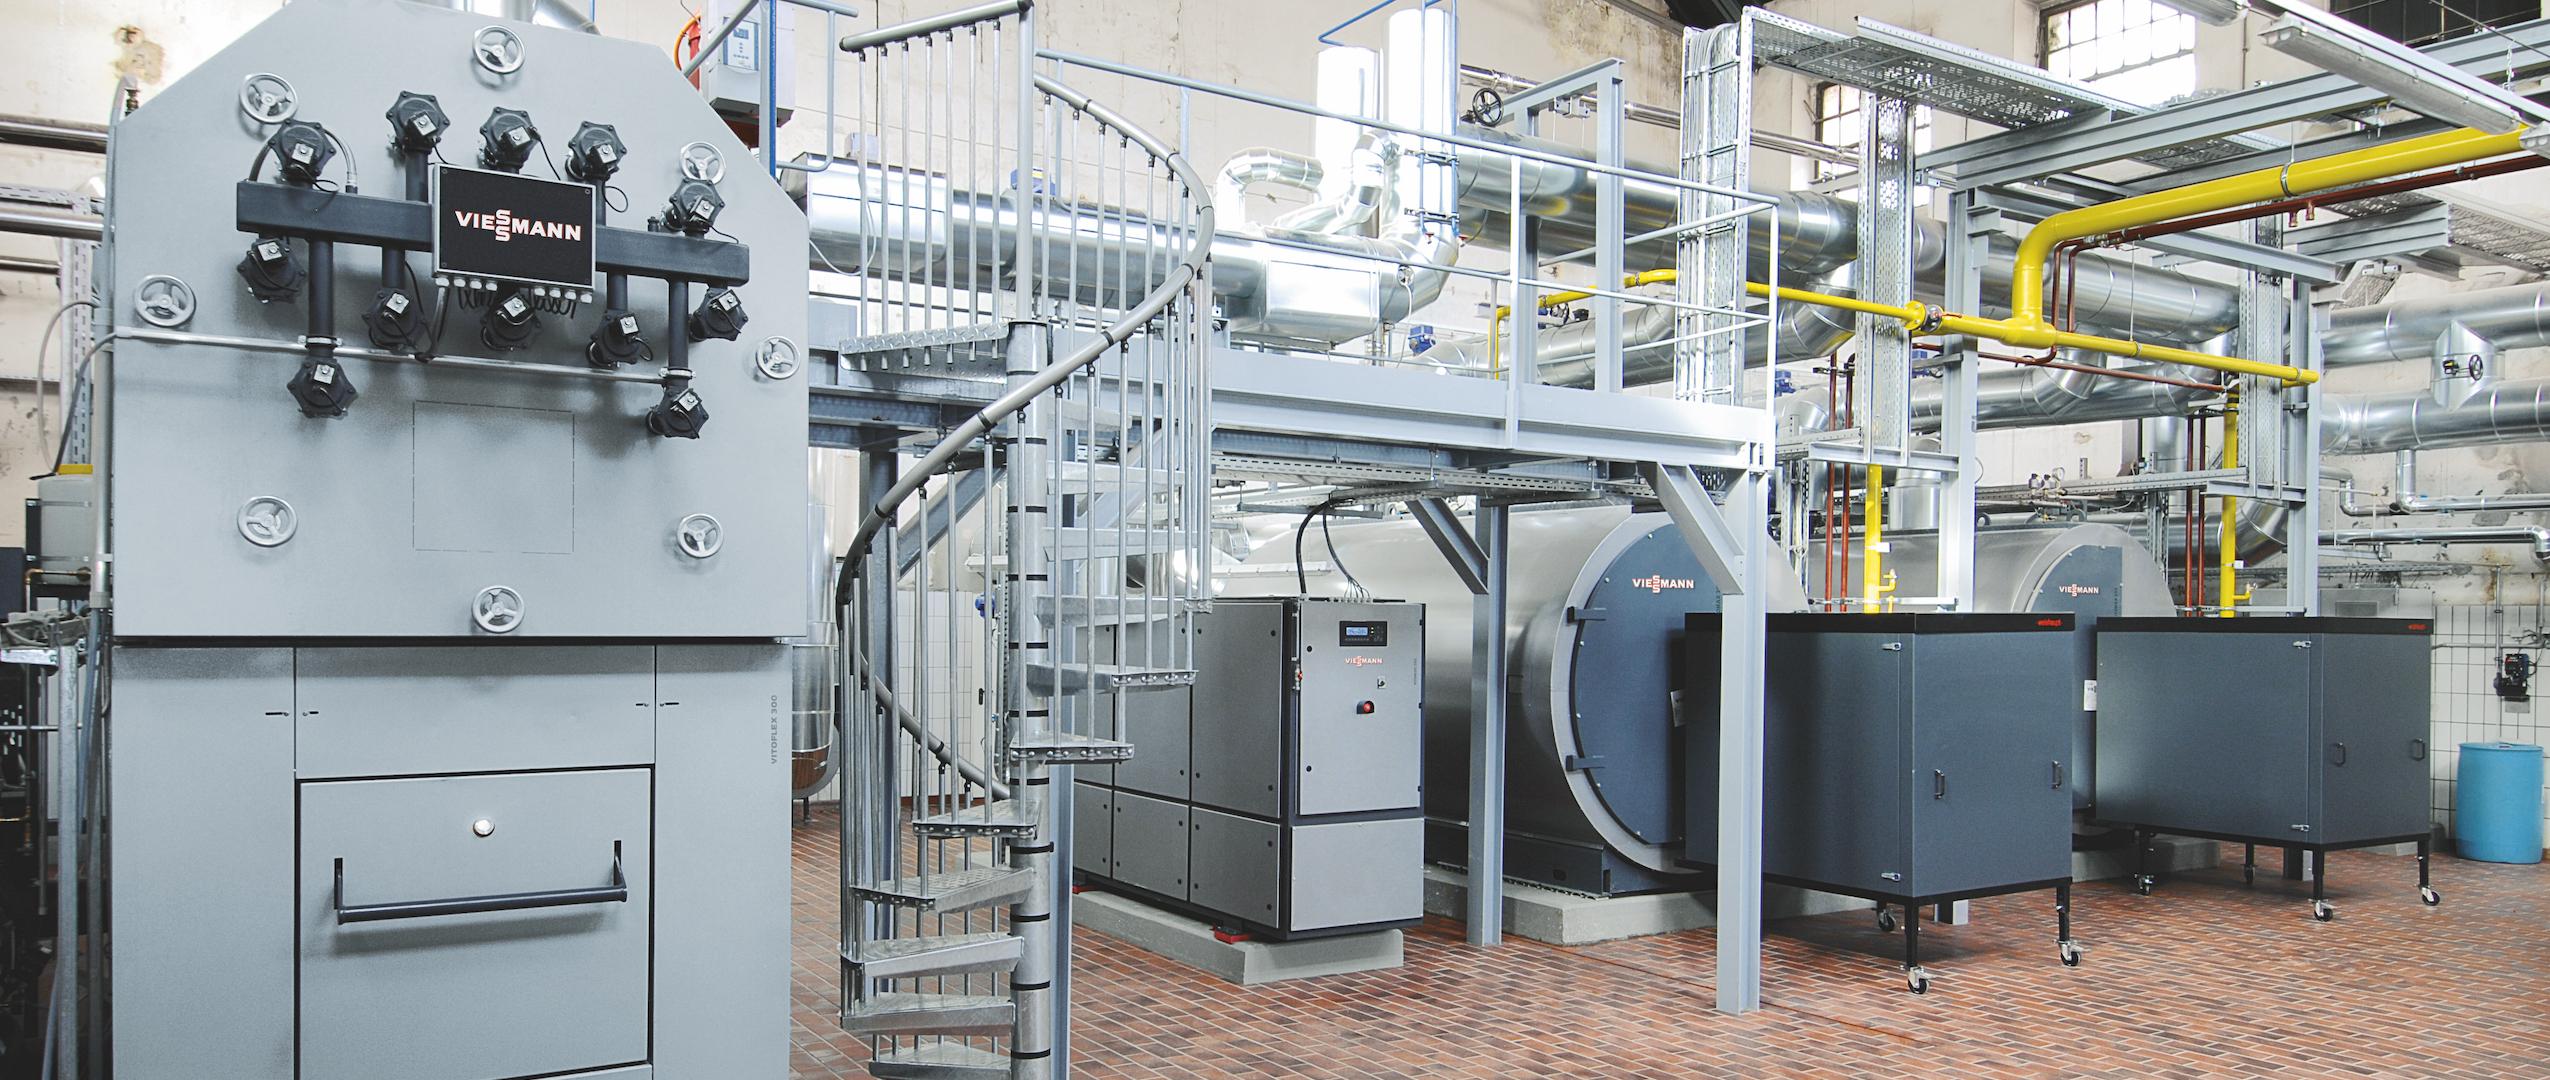 Impianto di Cogenerazione per Aziende e Strutture